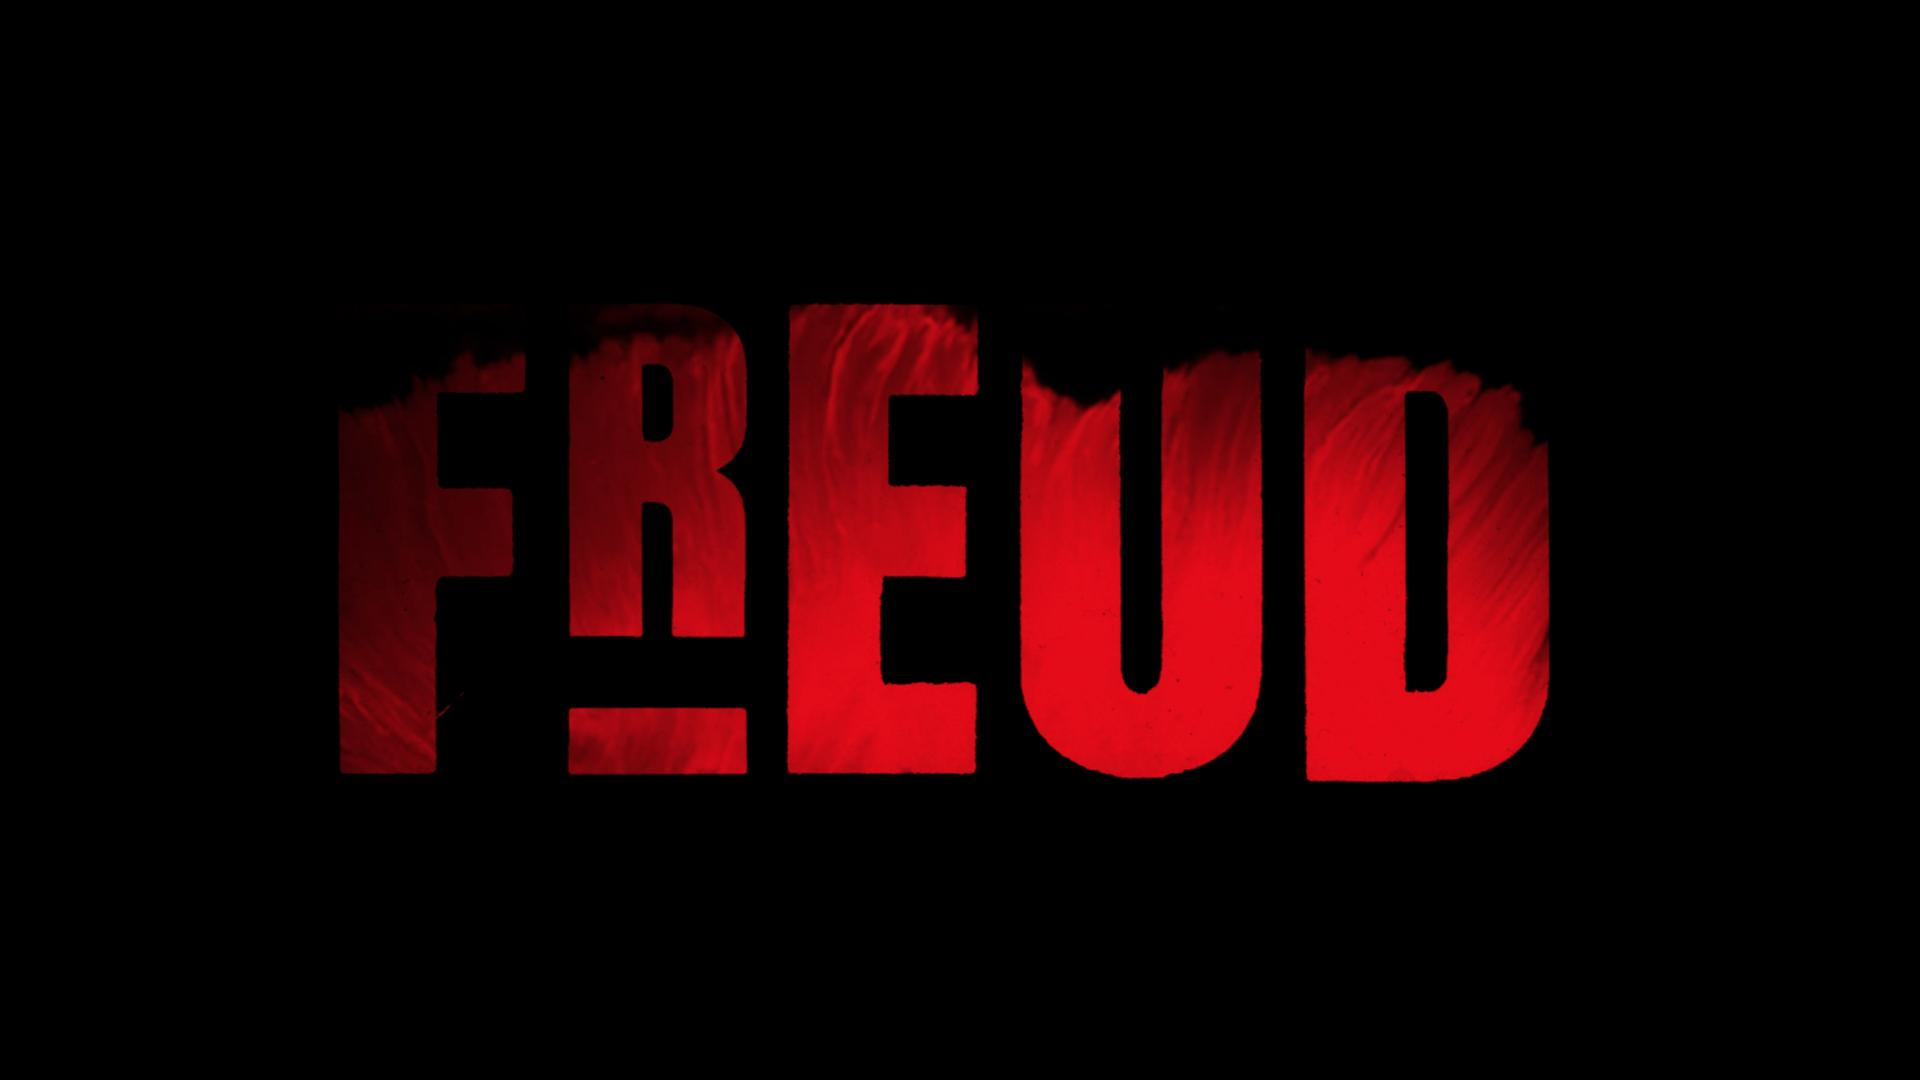 freud_logo_2